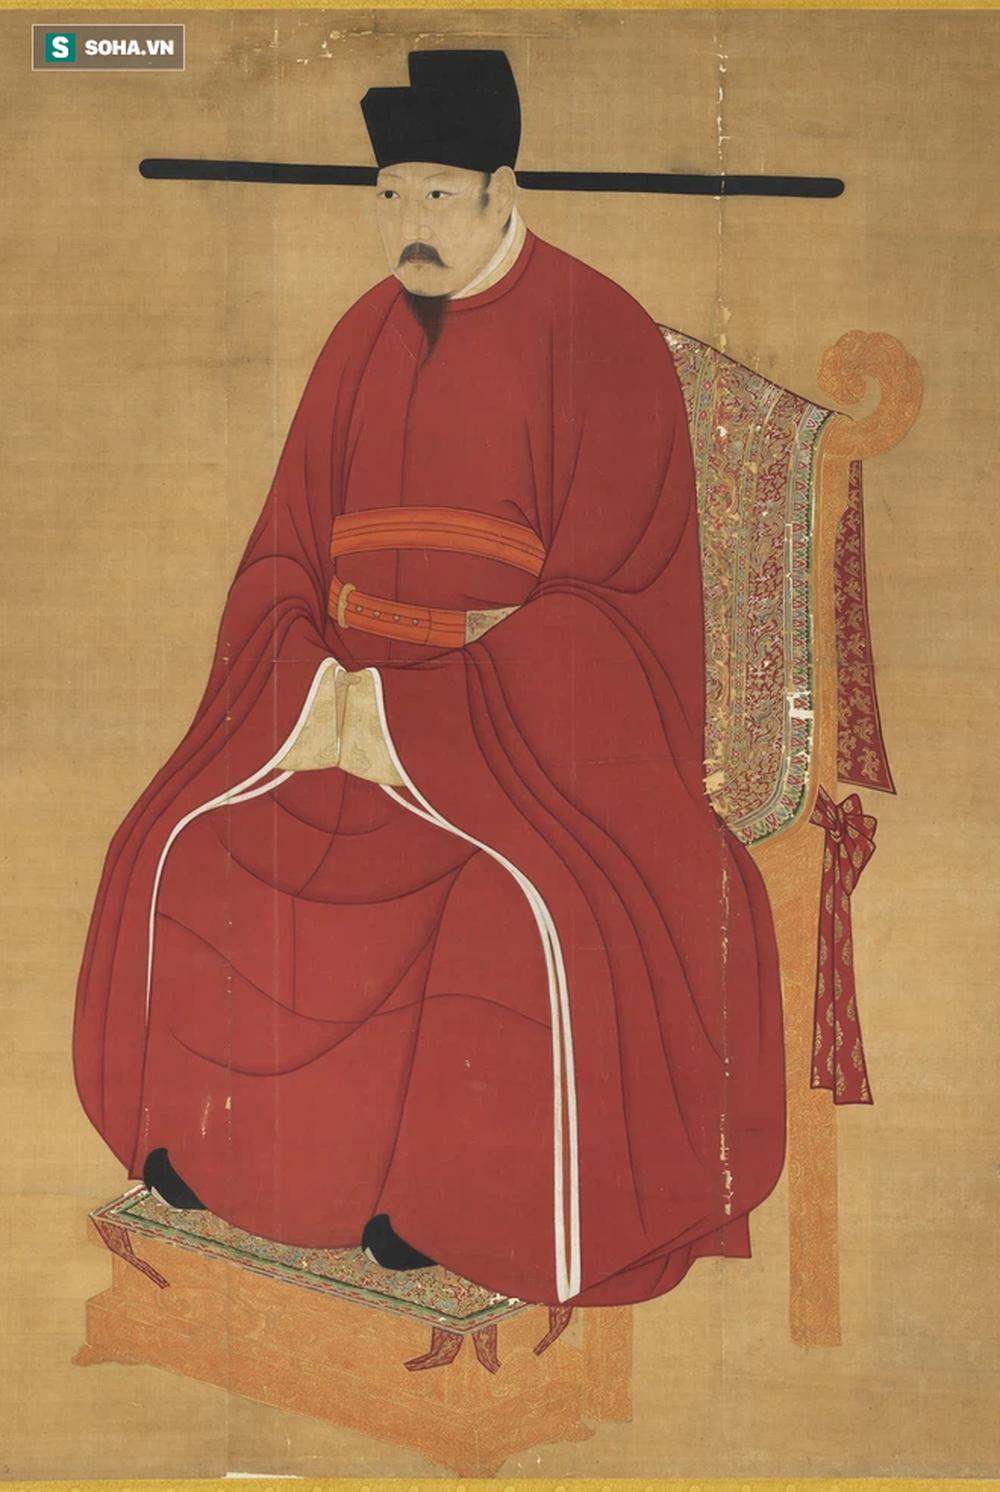 Chân tướng ít người biết đằng sau vụ án Dùng ly miêu đánh tráo thái tử chấn động công đường phủ Khai Phong của Bao Thanh Thiên - Ảnh 6.